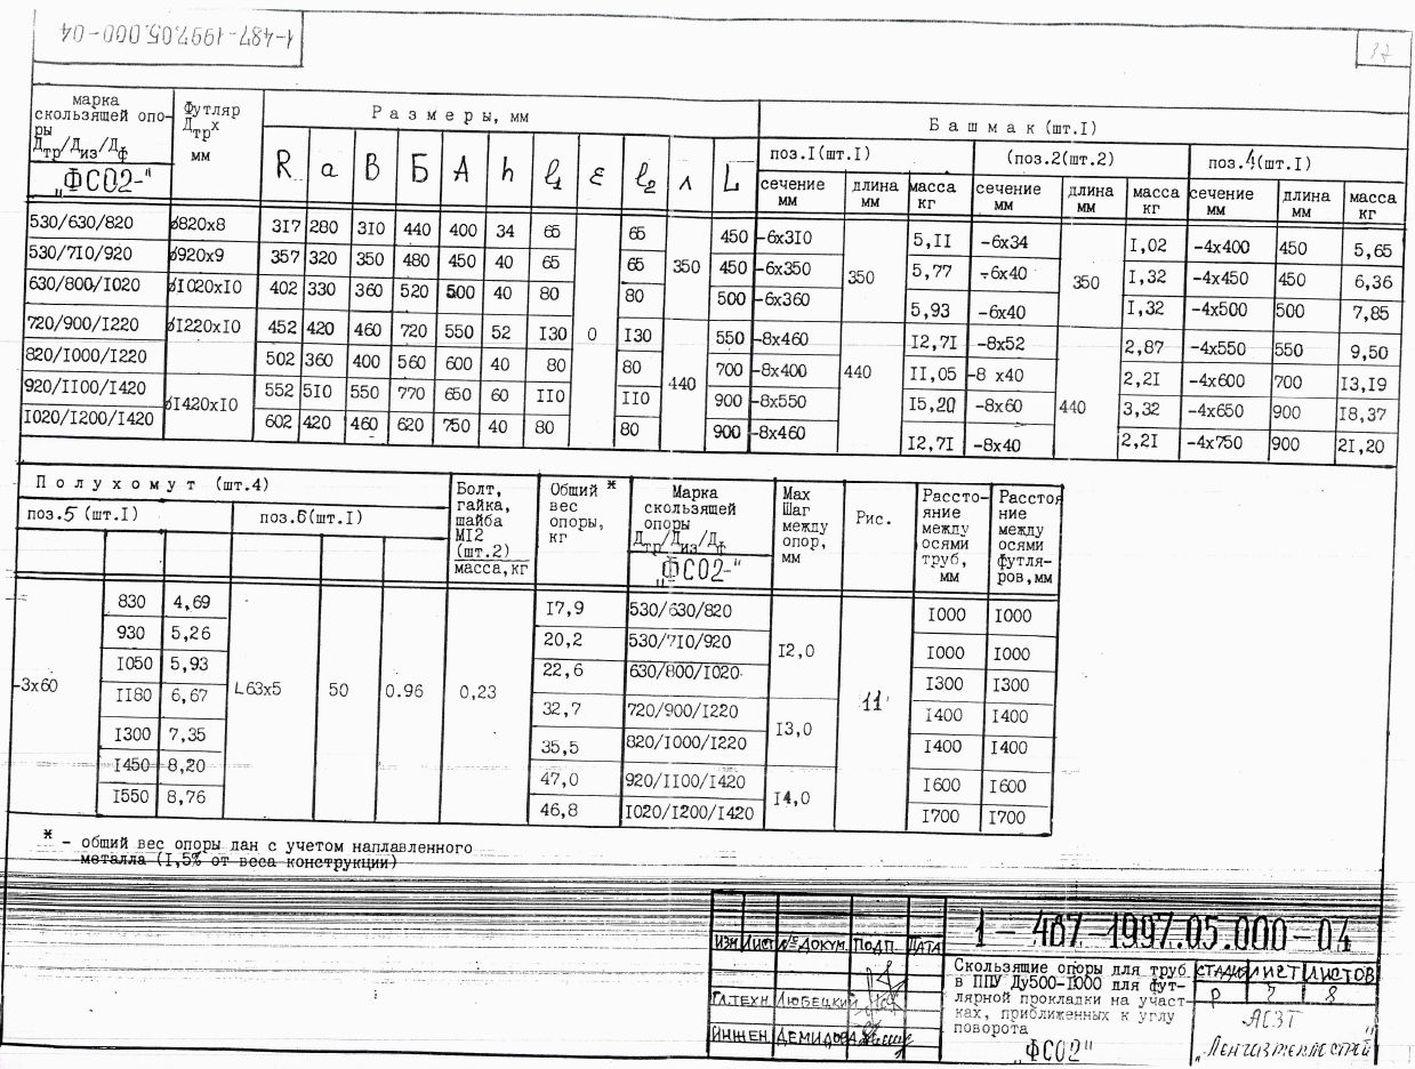 Опора ФСО2 ТД 1-487-1997.00.000 стр.7